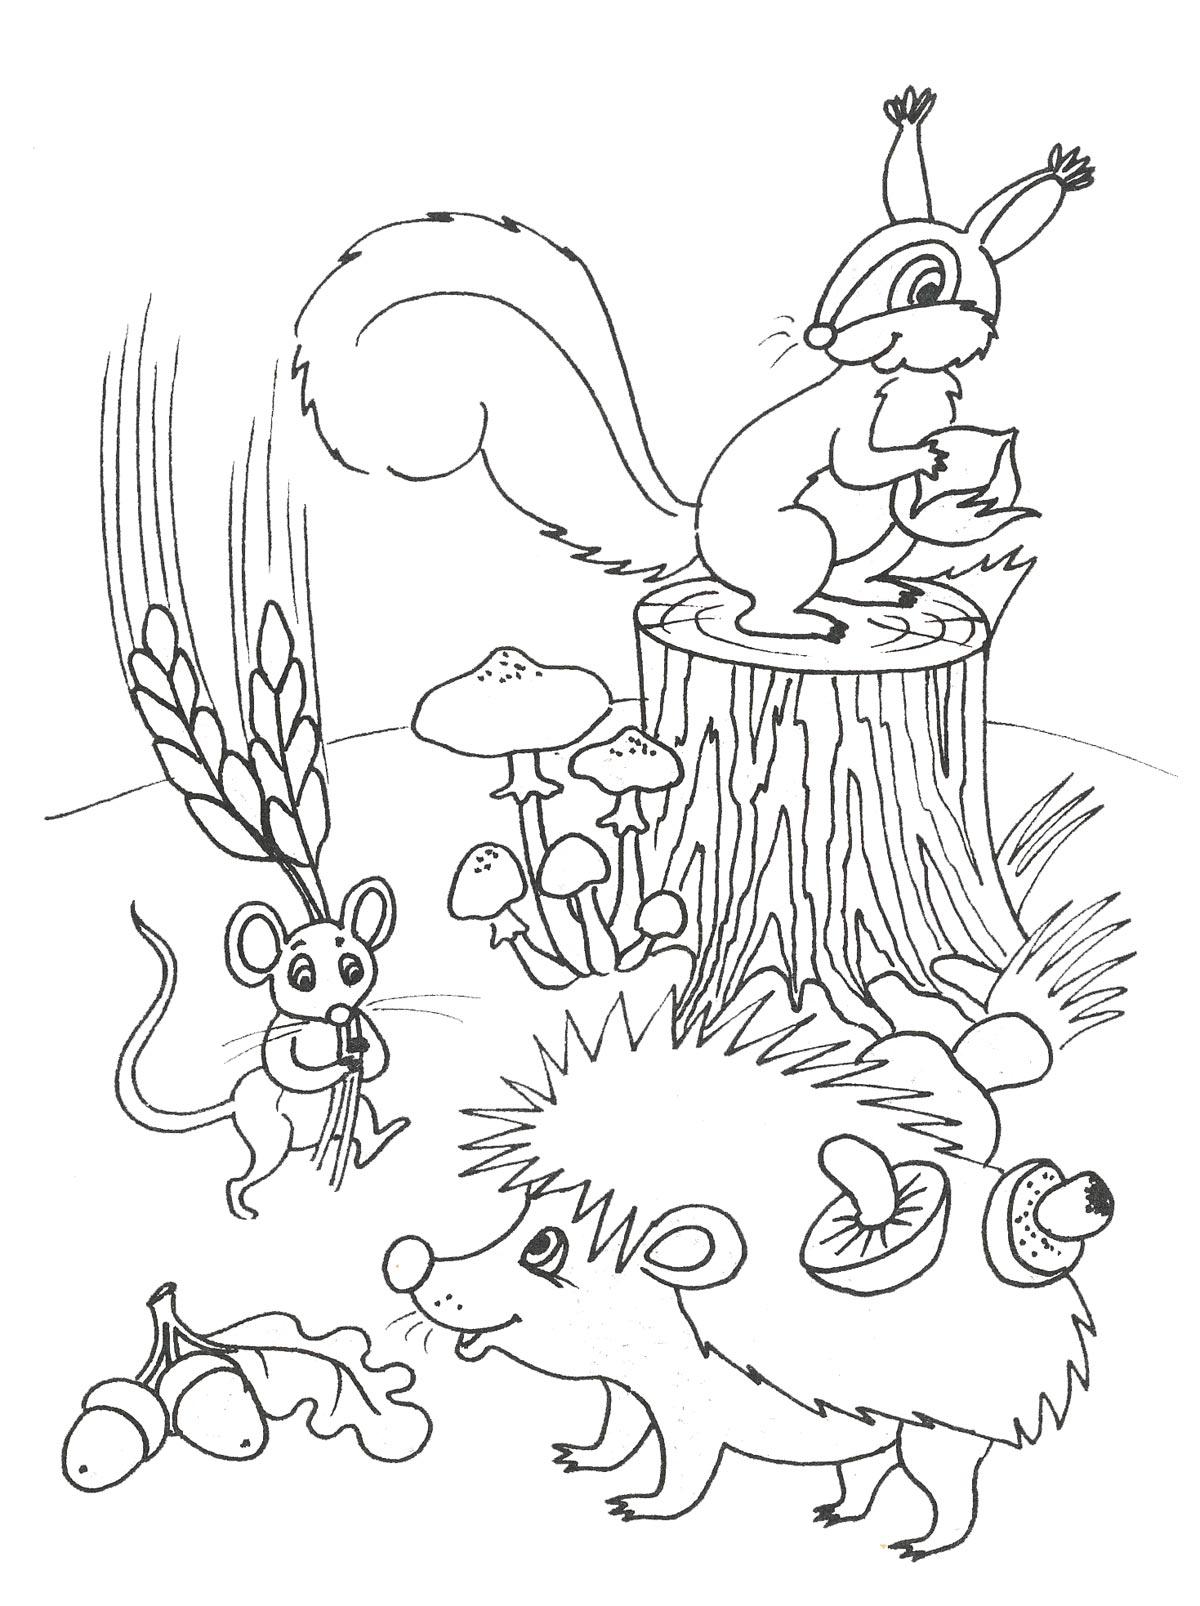 осенние картинки для детей раскраски